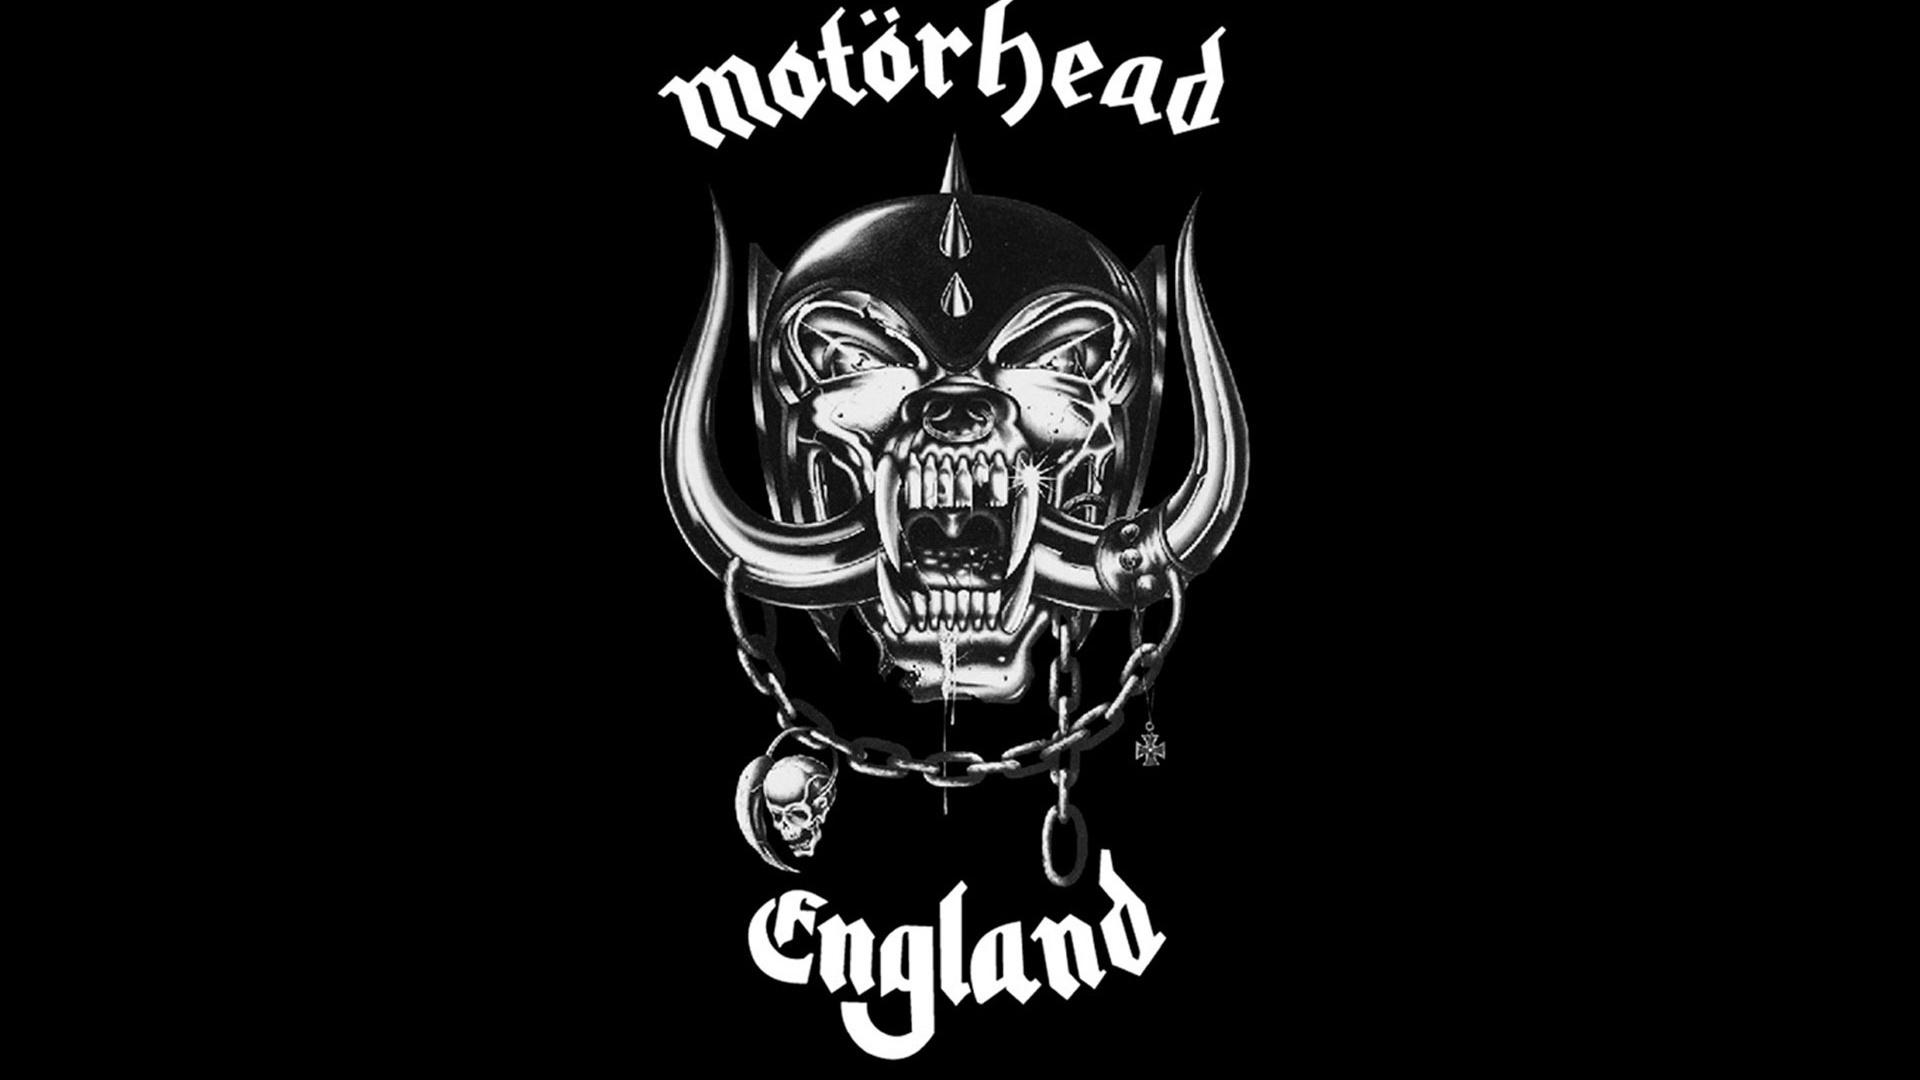 MOTORHEAD heavy metal hard rock e wallpaper 1920x1080 86356 1920x1080